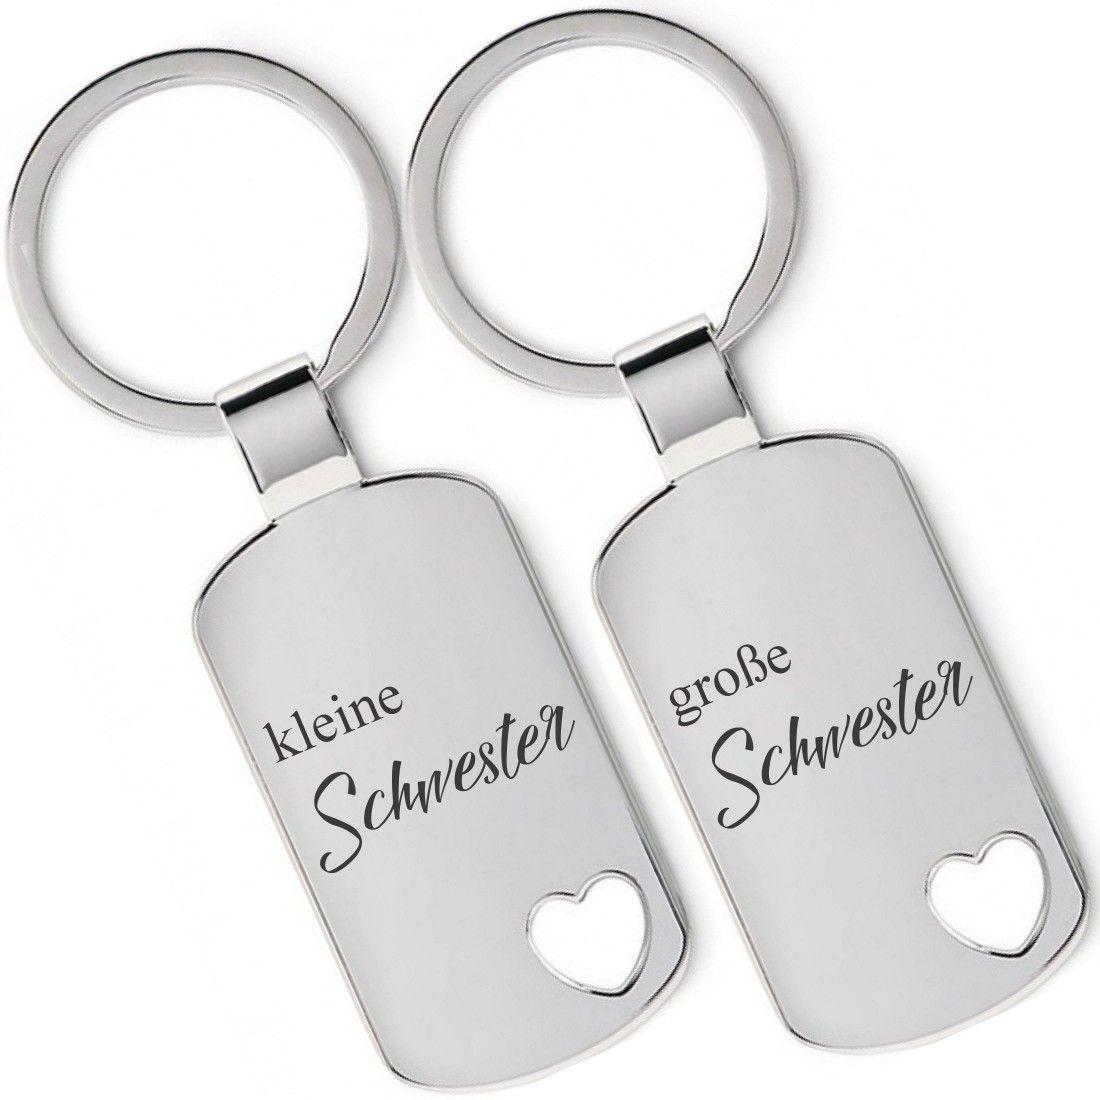 Lieblingsmensch Metall Schlüsselanhänger 2er Set   Kleine Schwester, Große  Schwester #Schlüsselanhänger #Gravur #